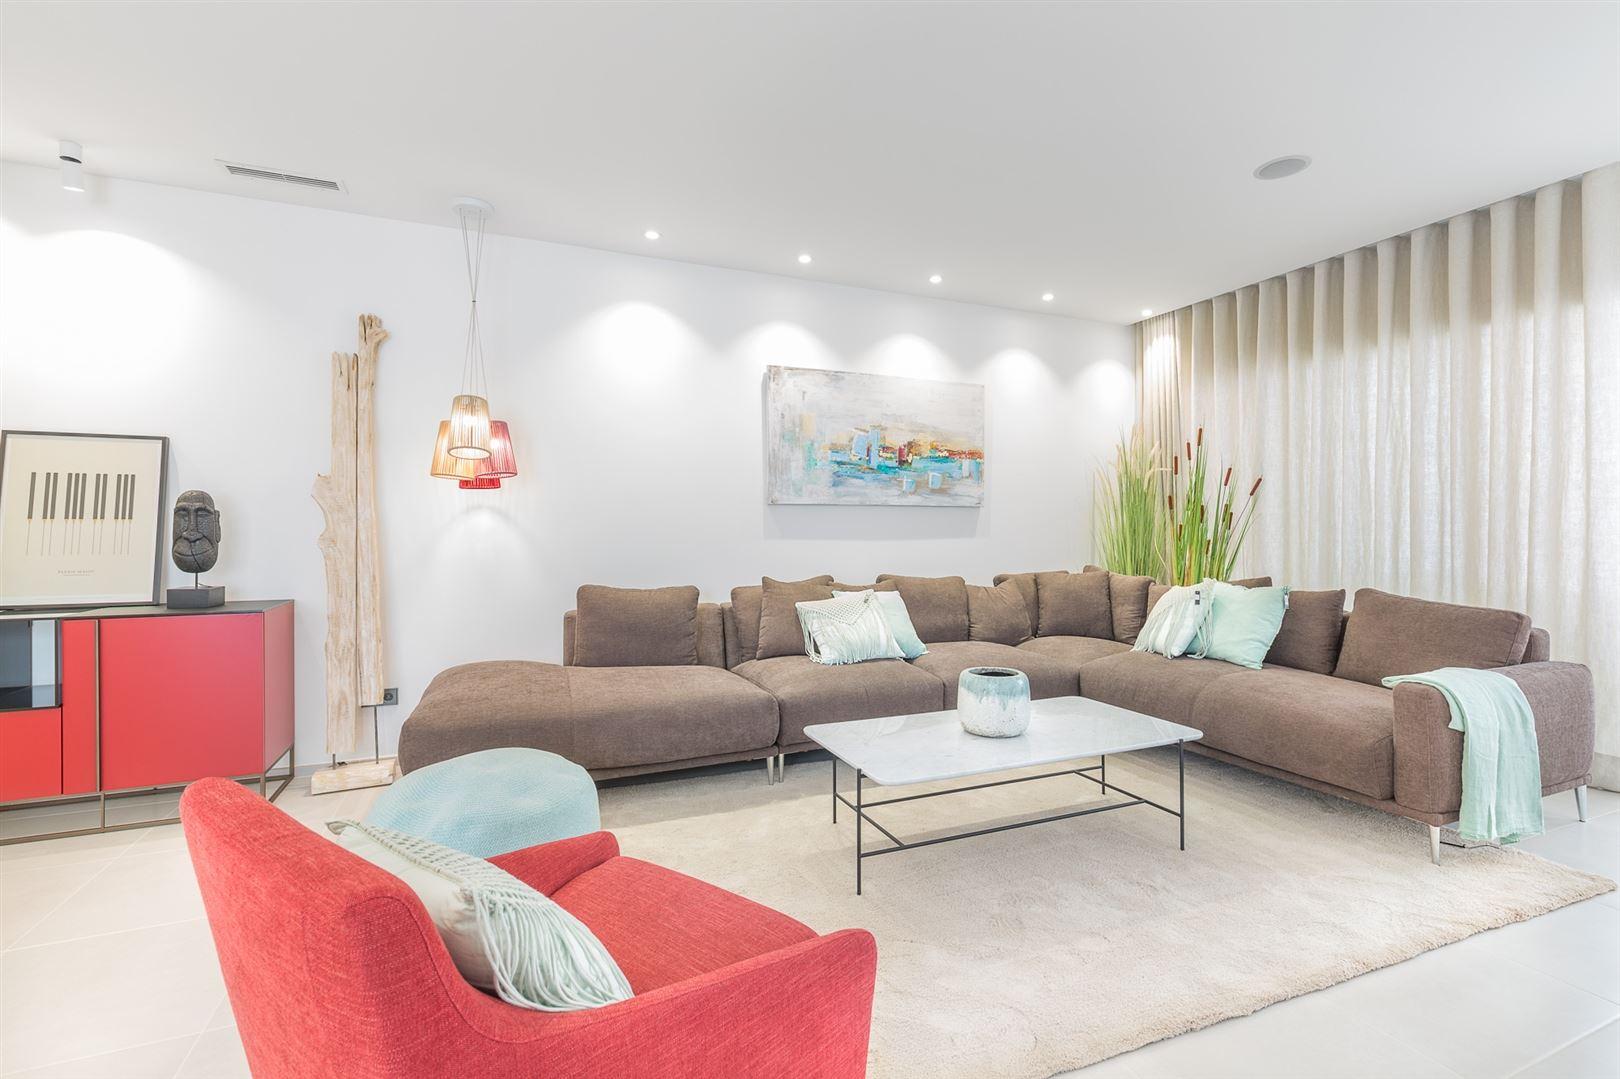 Foto 13 : Appartement te  ARONA - PALM MAR (Spanje) - Prijs Prijs op aanvraag